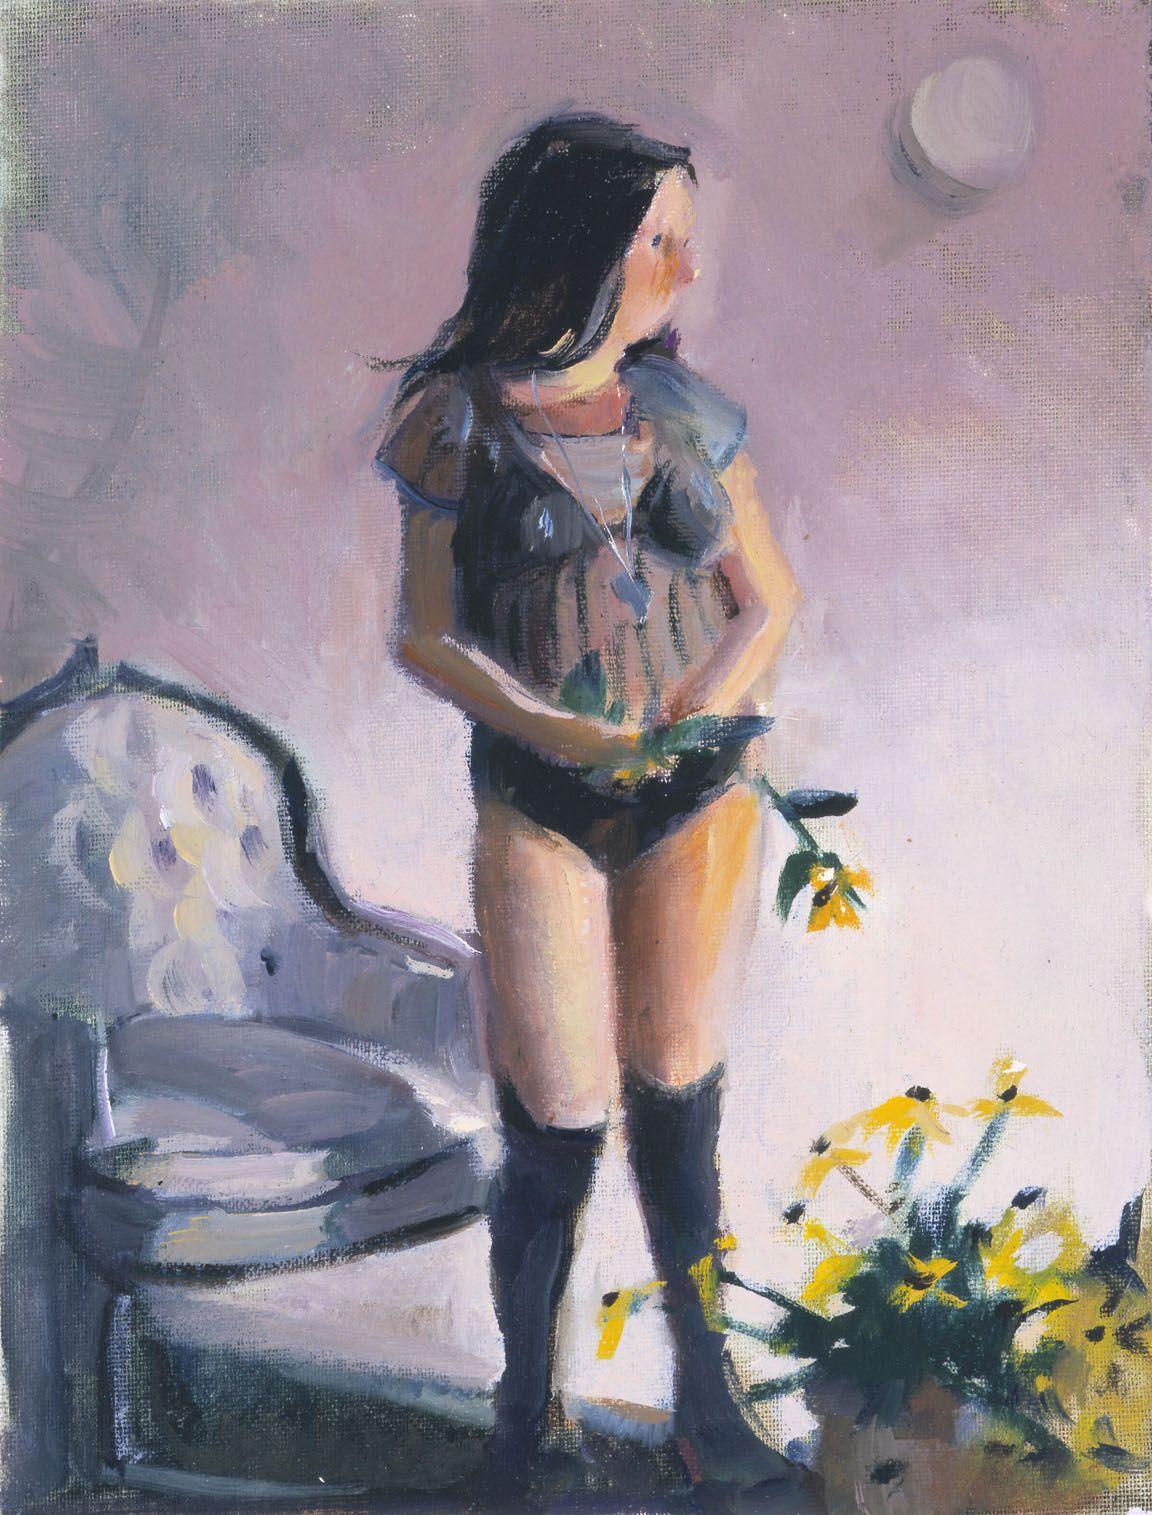 Wee Babie II, 2003, Oil on canvas board